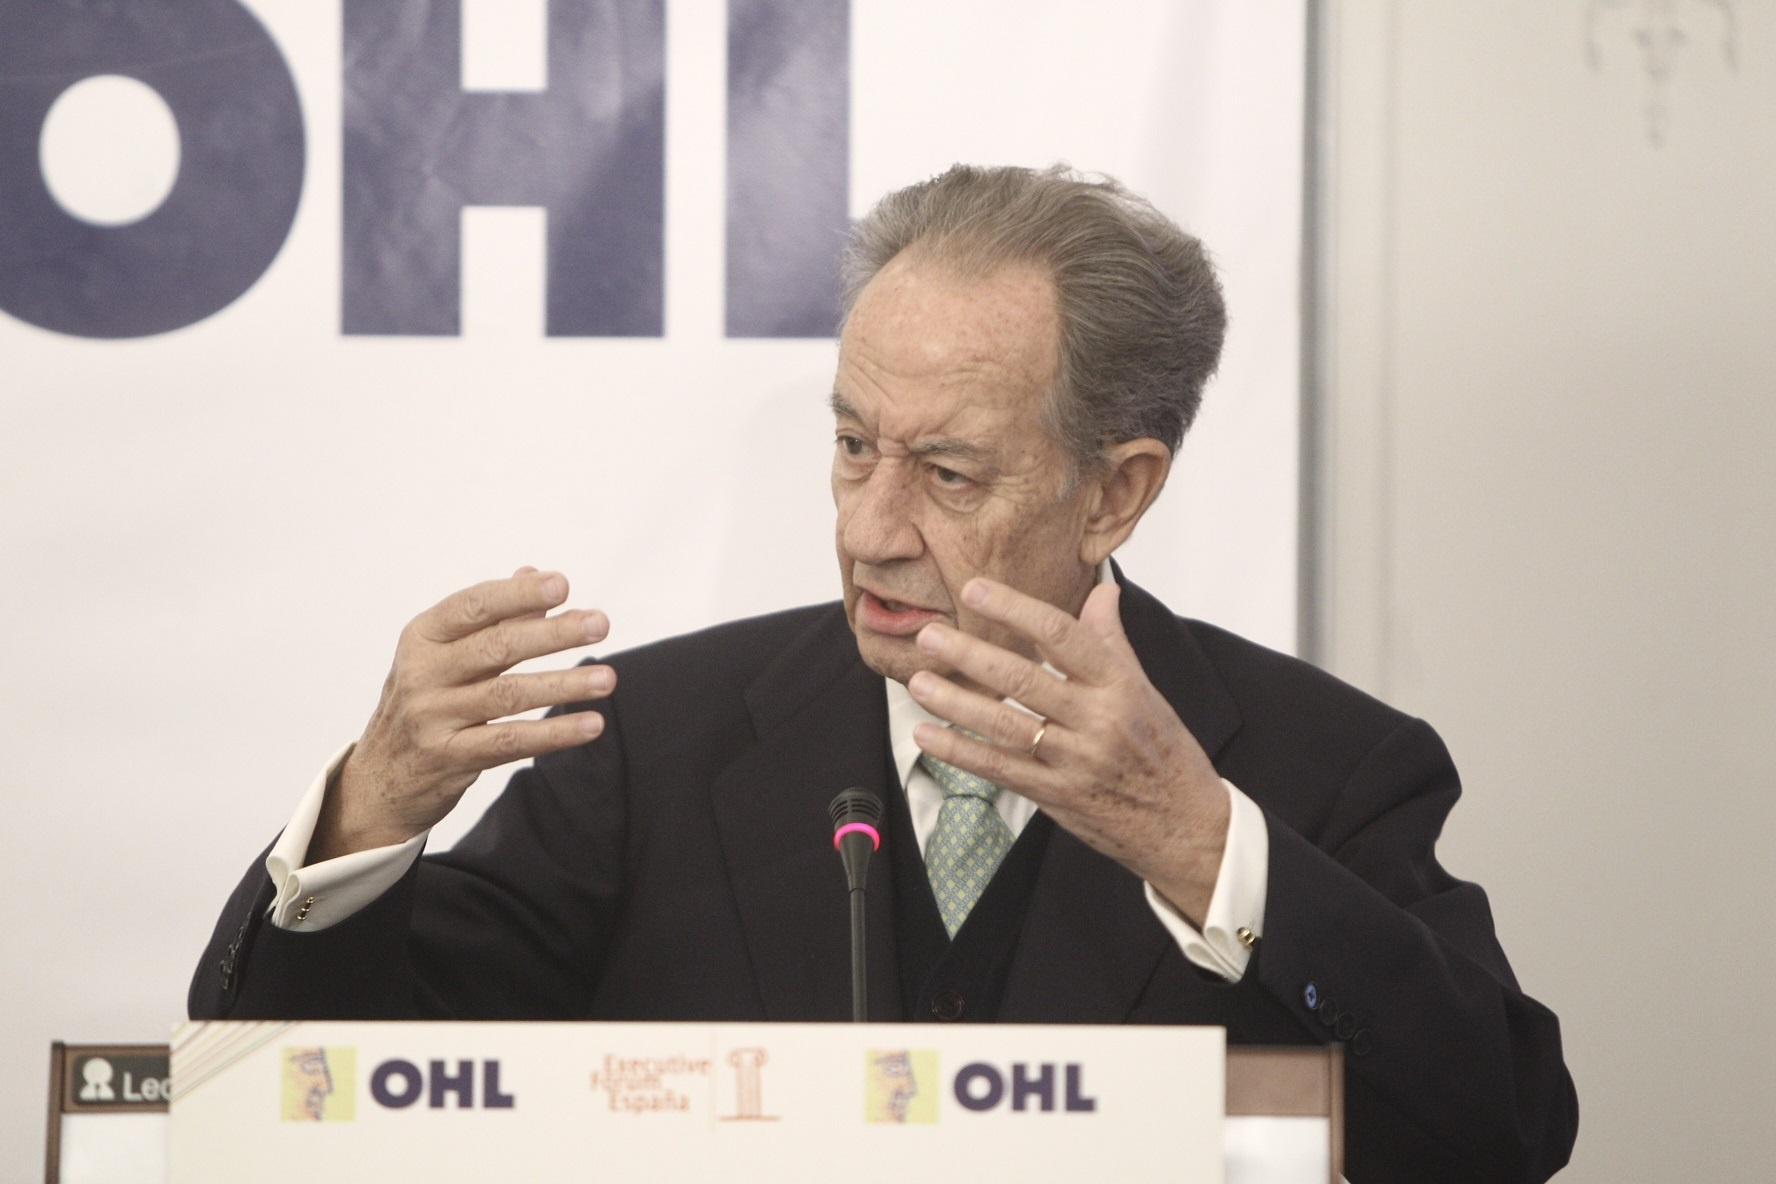 OHL desembarca en Kazajistán con la construcción de un puente por 29 millones